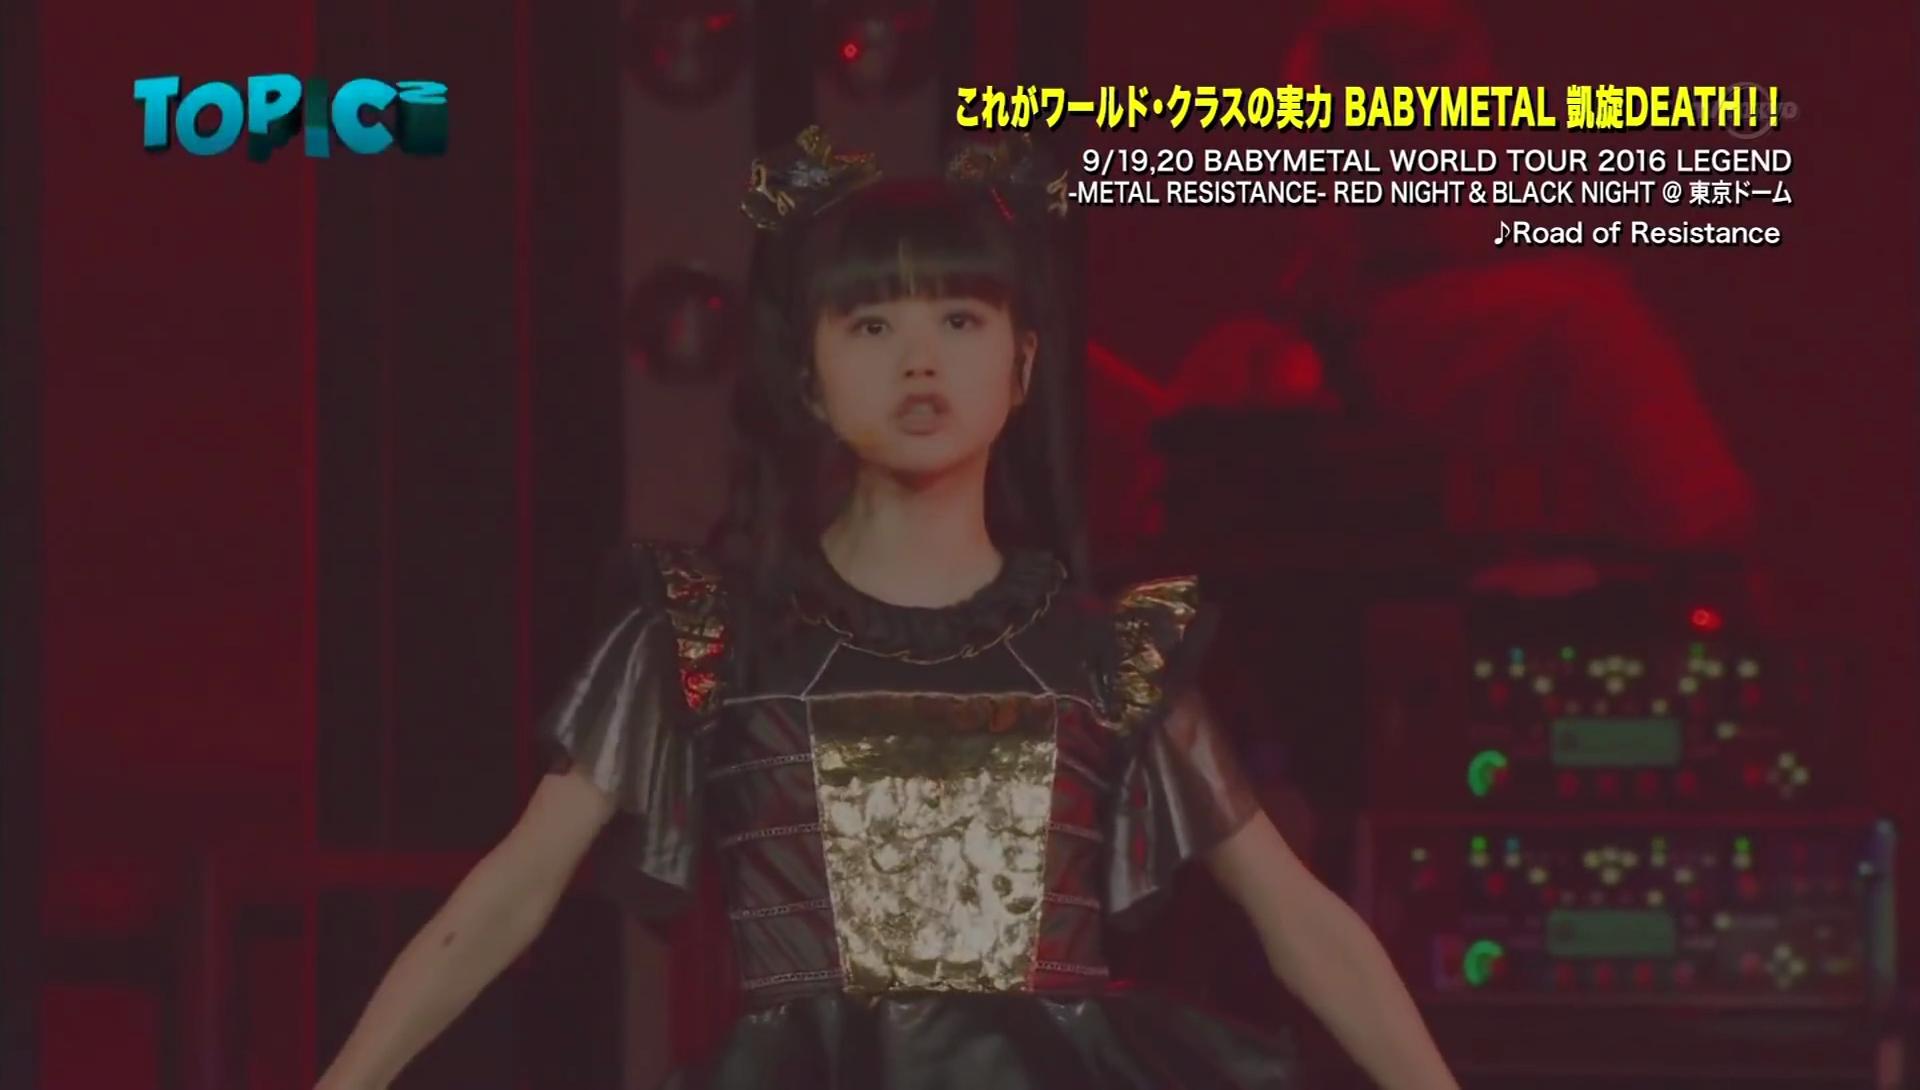 babymetal-en-japan-countdown-2016-09-25-012